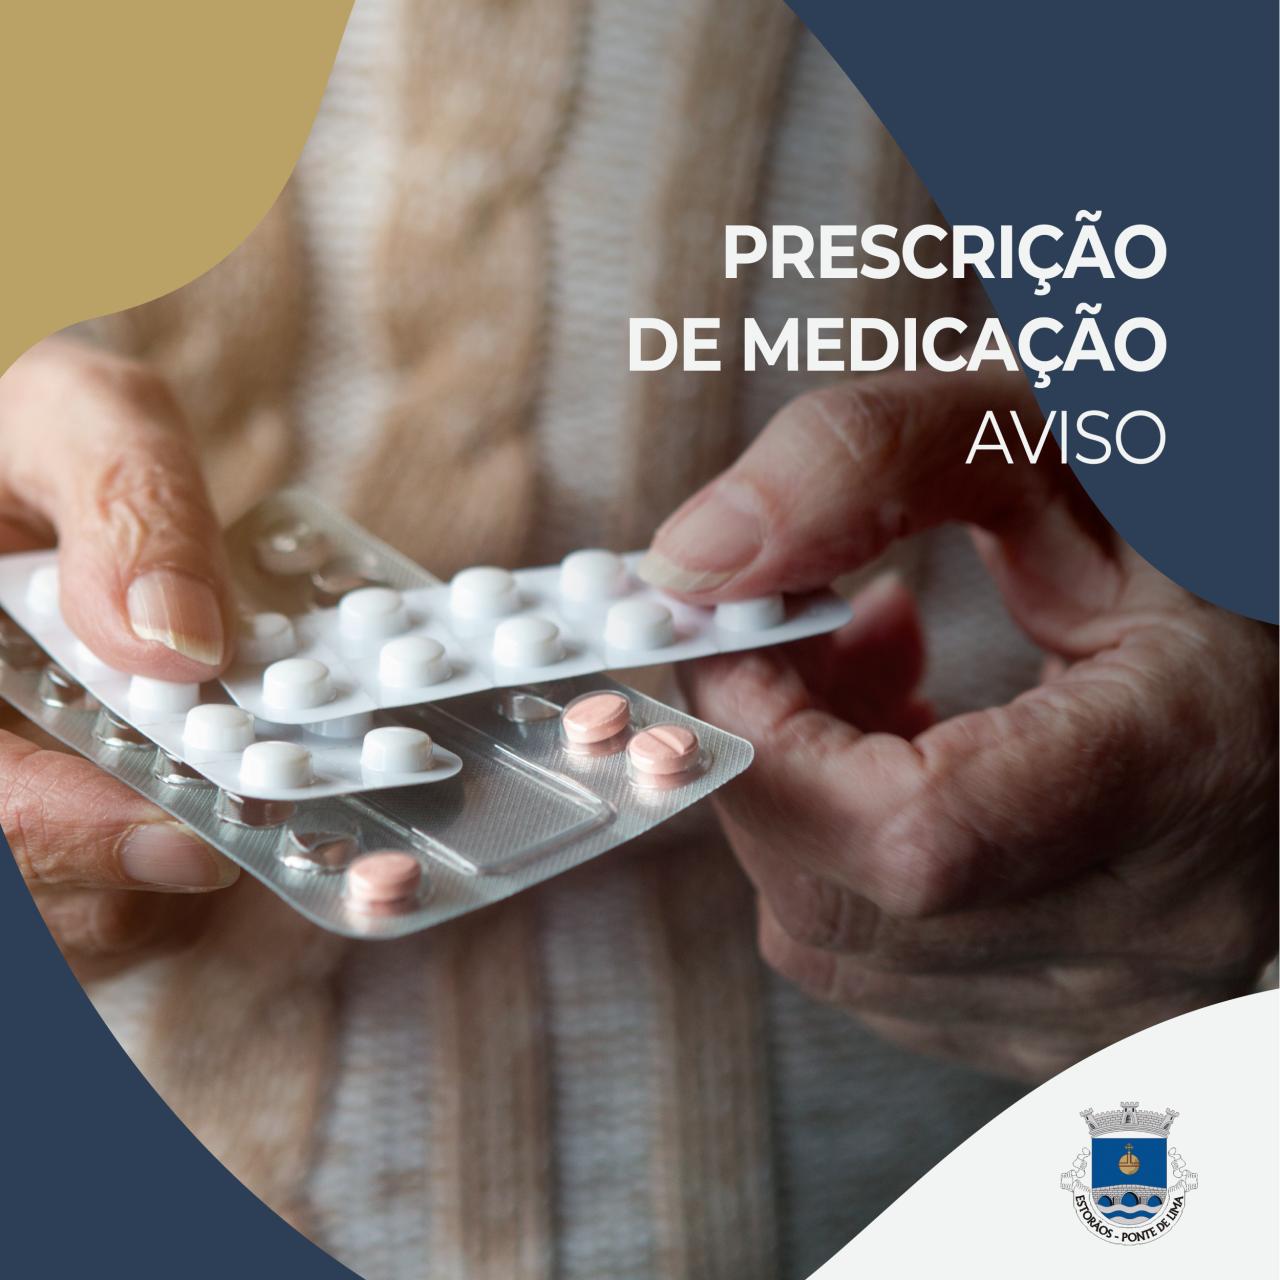 Prescrição de medicação